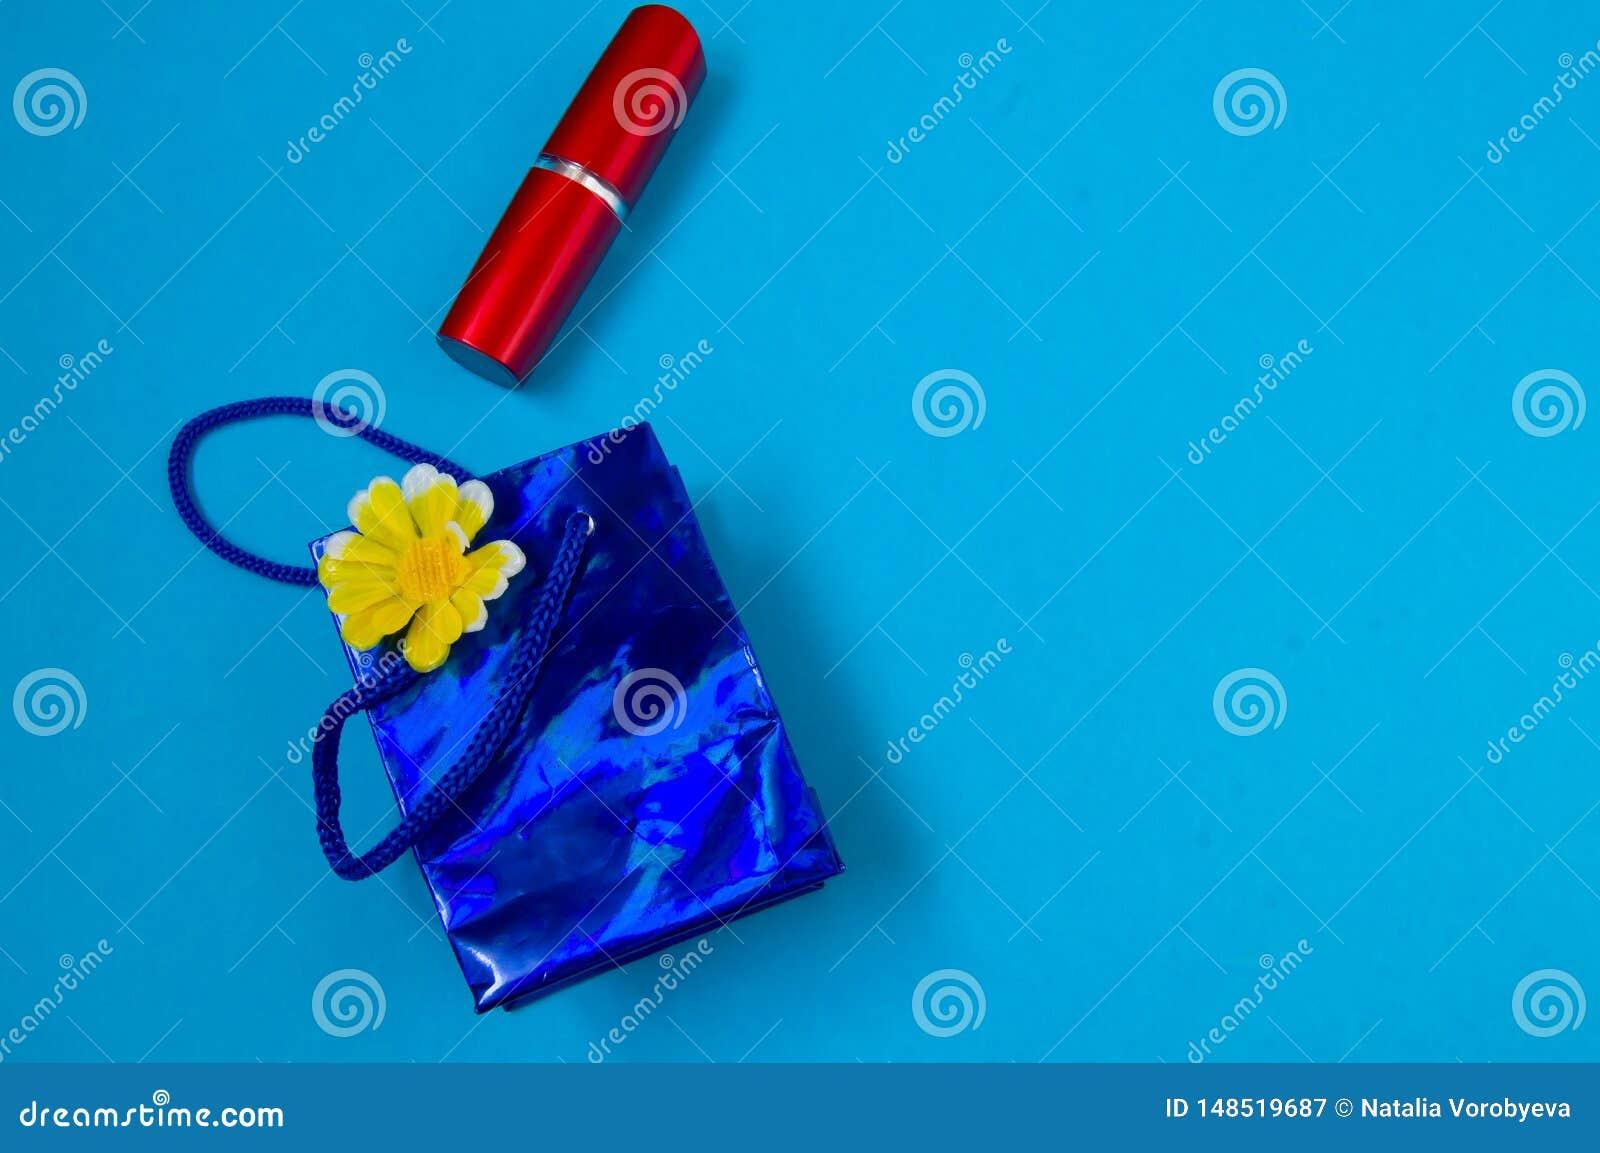 红色口红,包装,礼物的概念